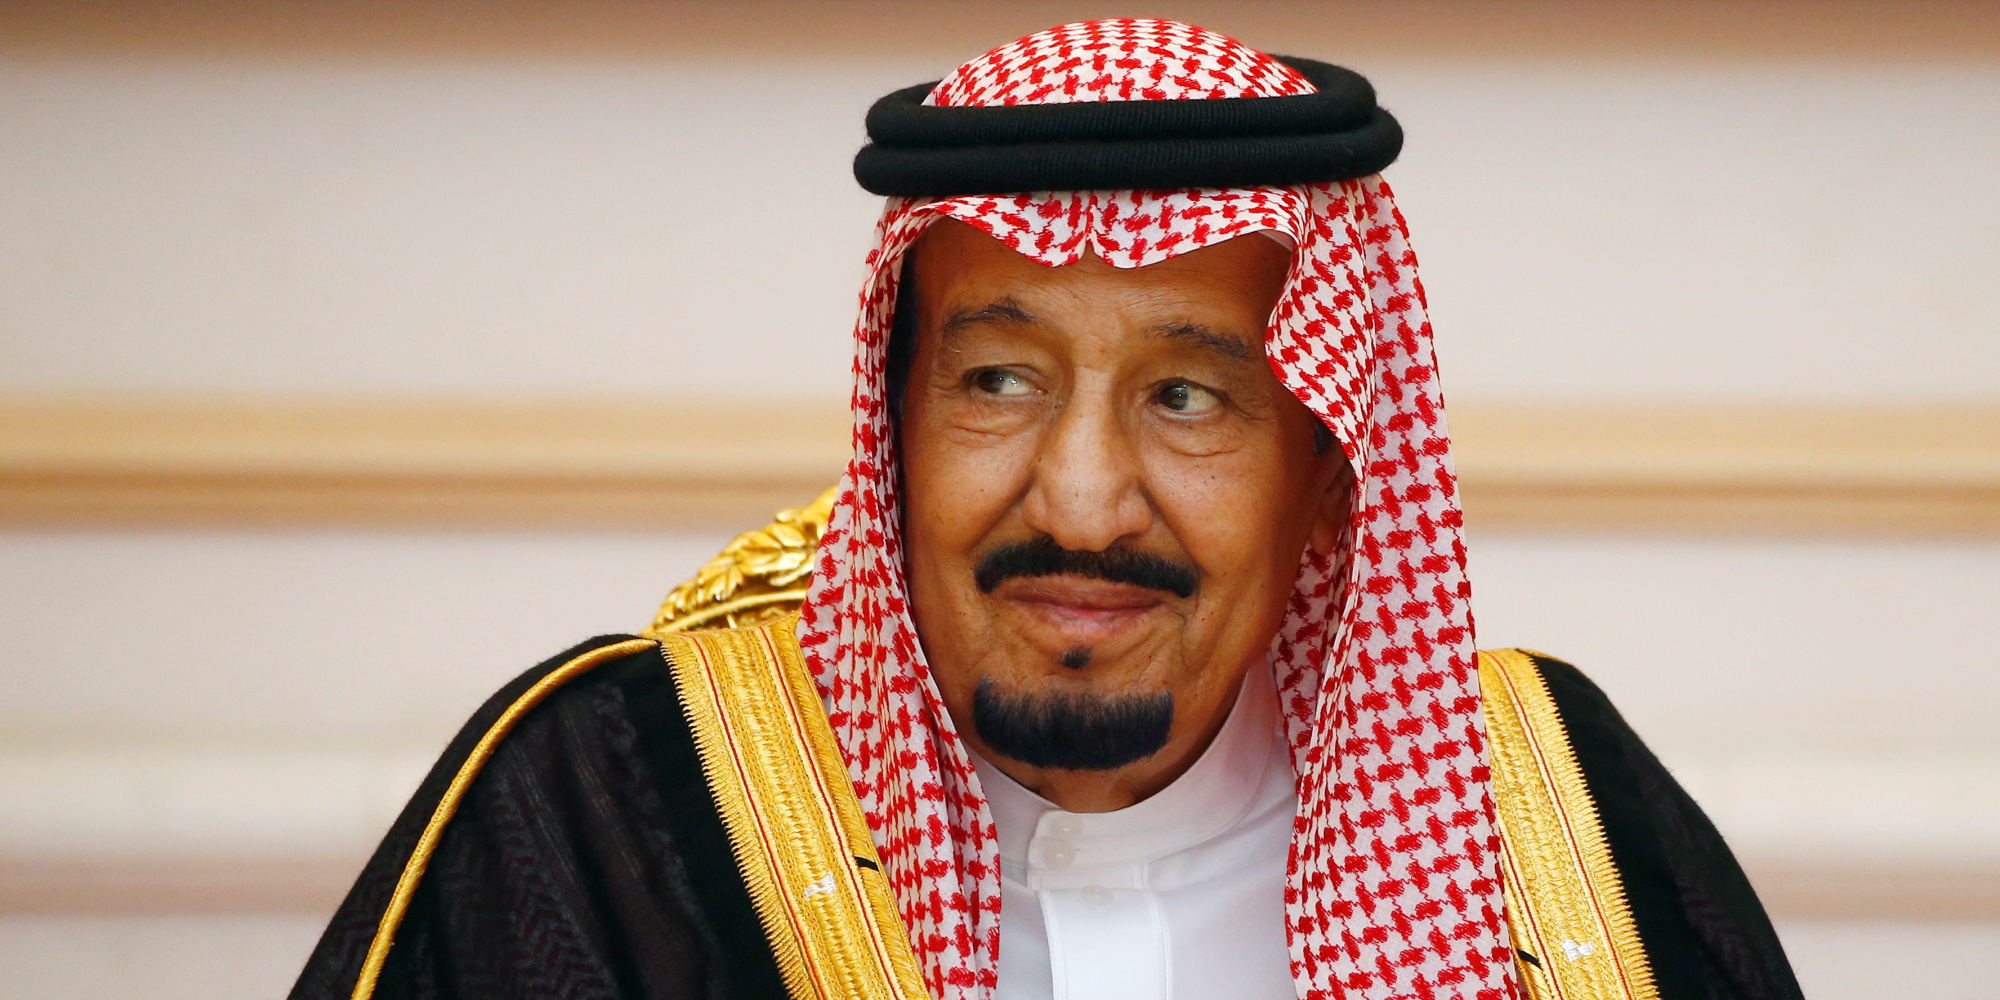 أوامر ملكية في السعودية.. تعرف عليها